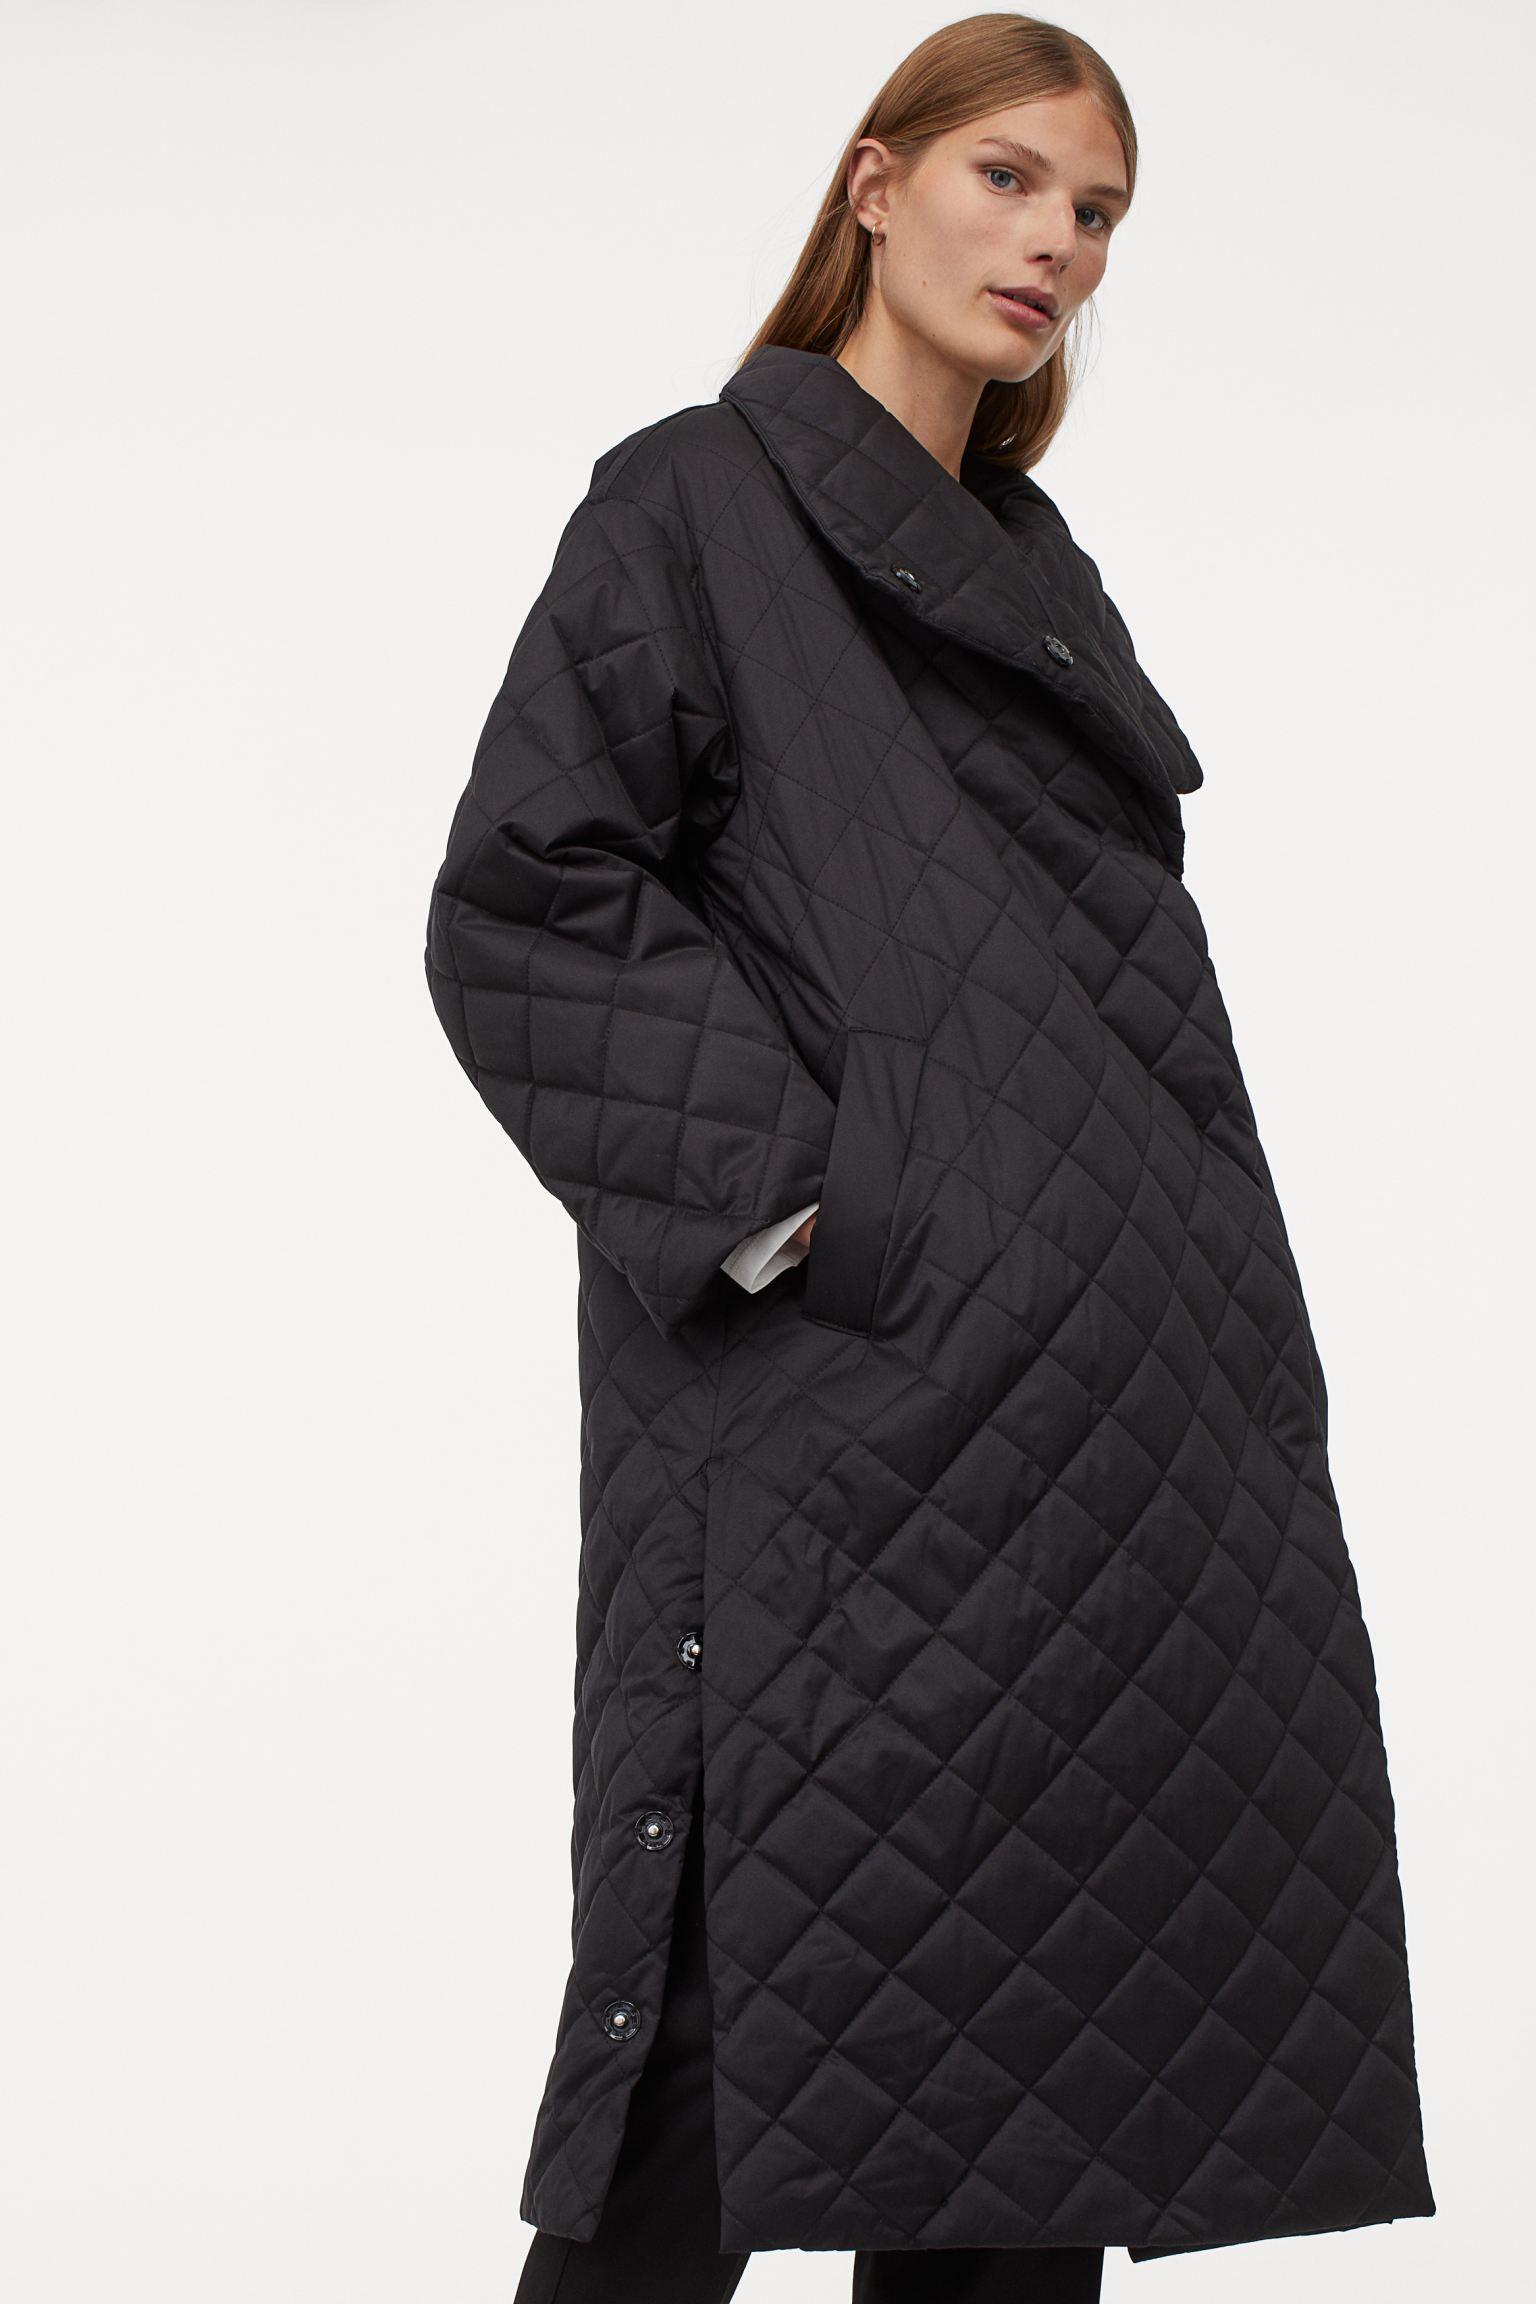 Abrigo guateado negro